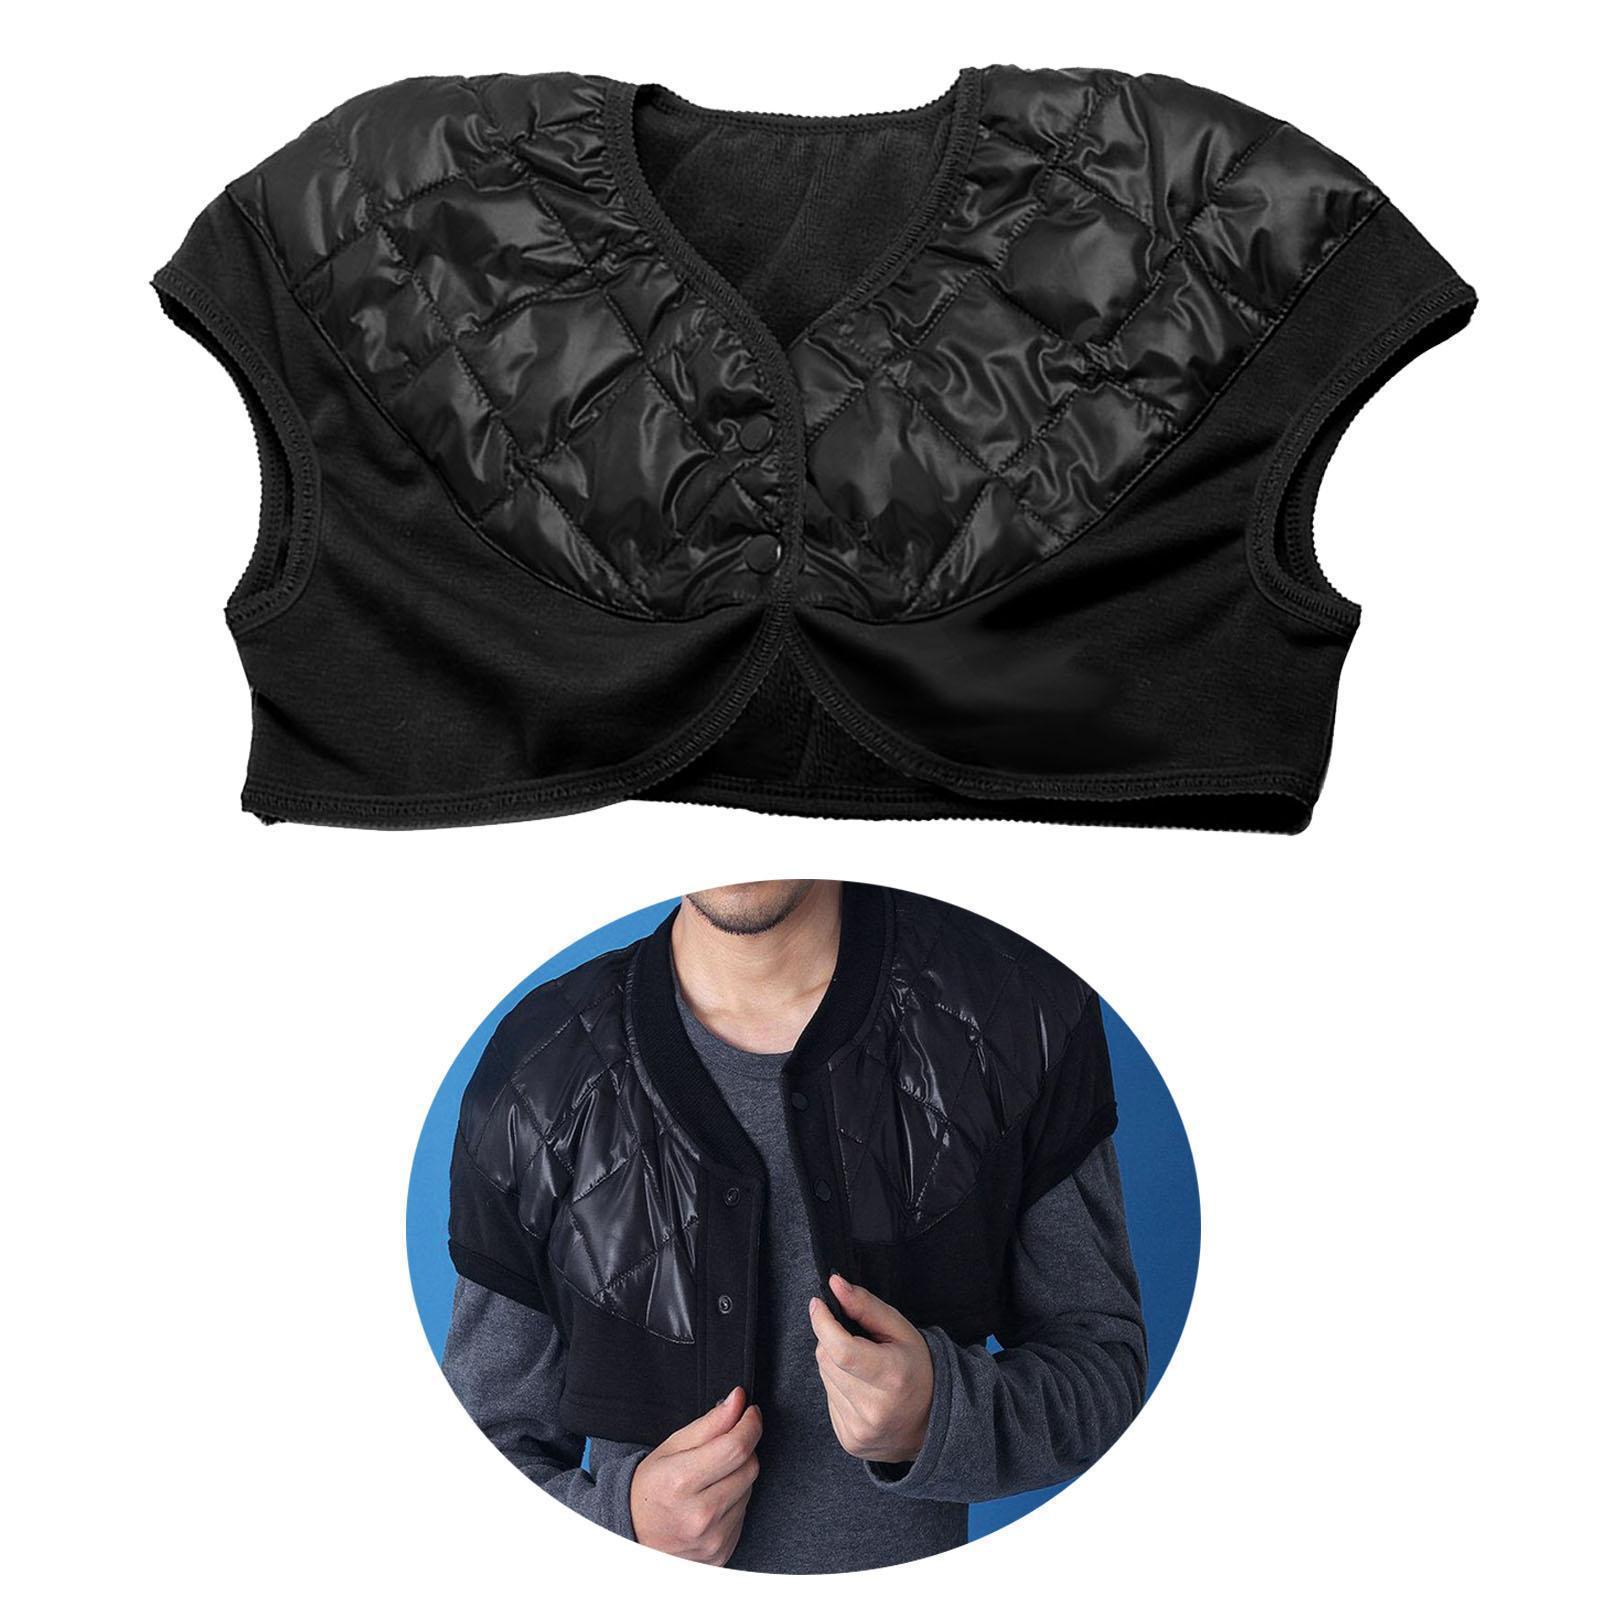 Femmes-Hommes-Down-Jacket-Chaud-Manteau-Court-Epaule-Chaud-Thermique-Wrap miniatura 17